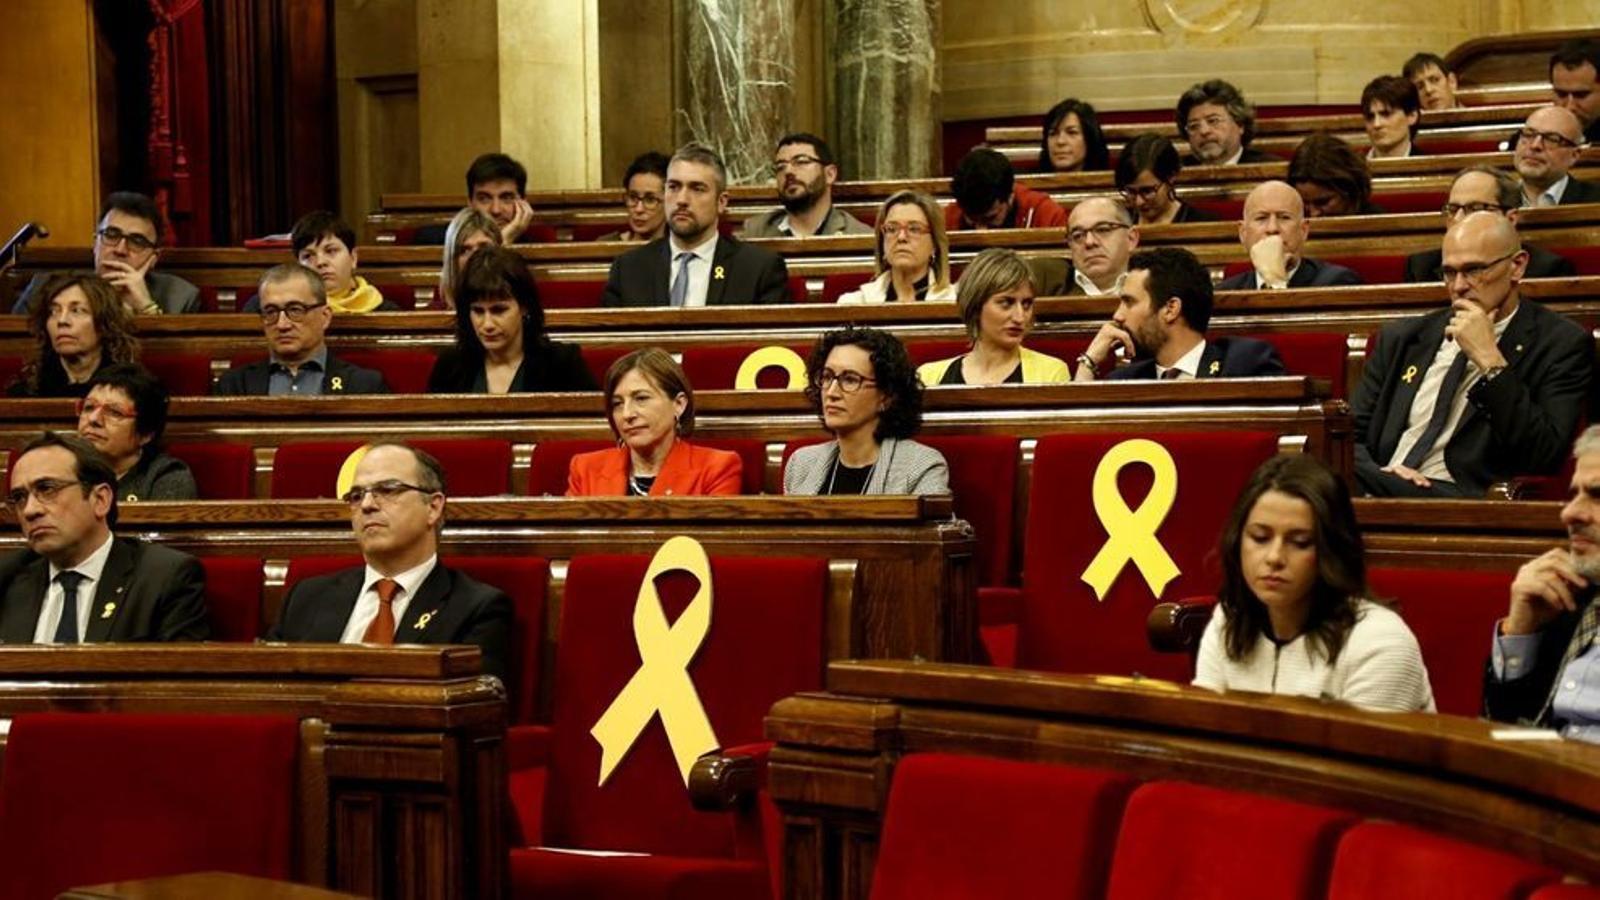 Arrenca la legislatura al Parlament marcada pels presos polítics i els exiliats